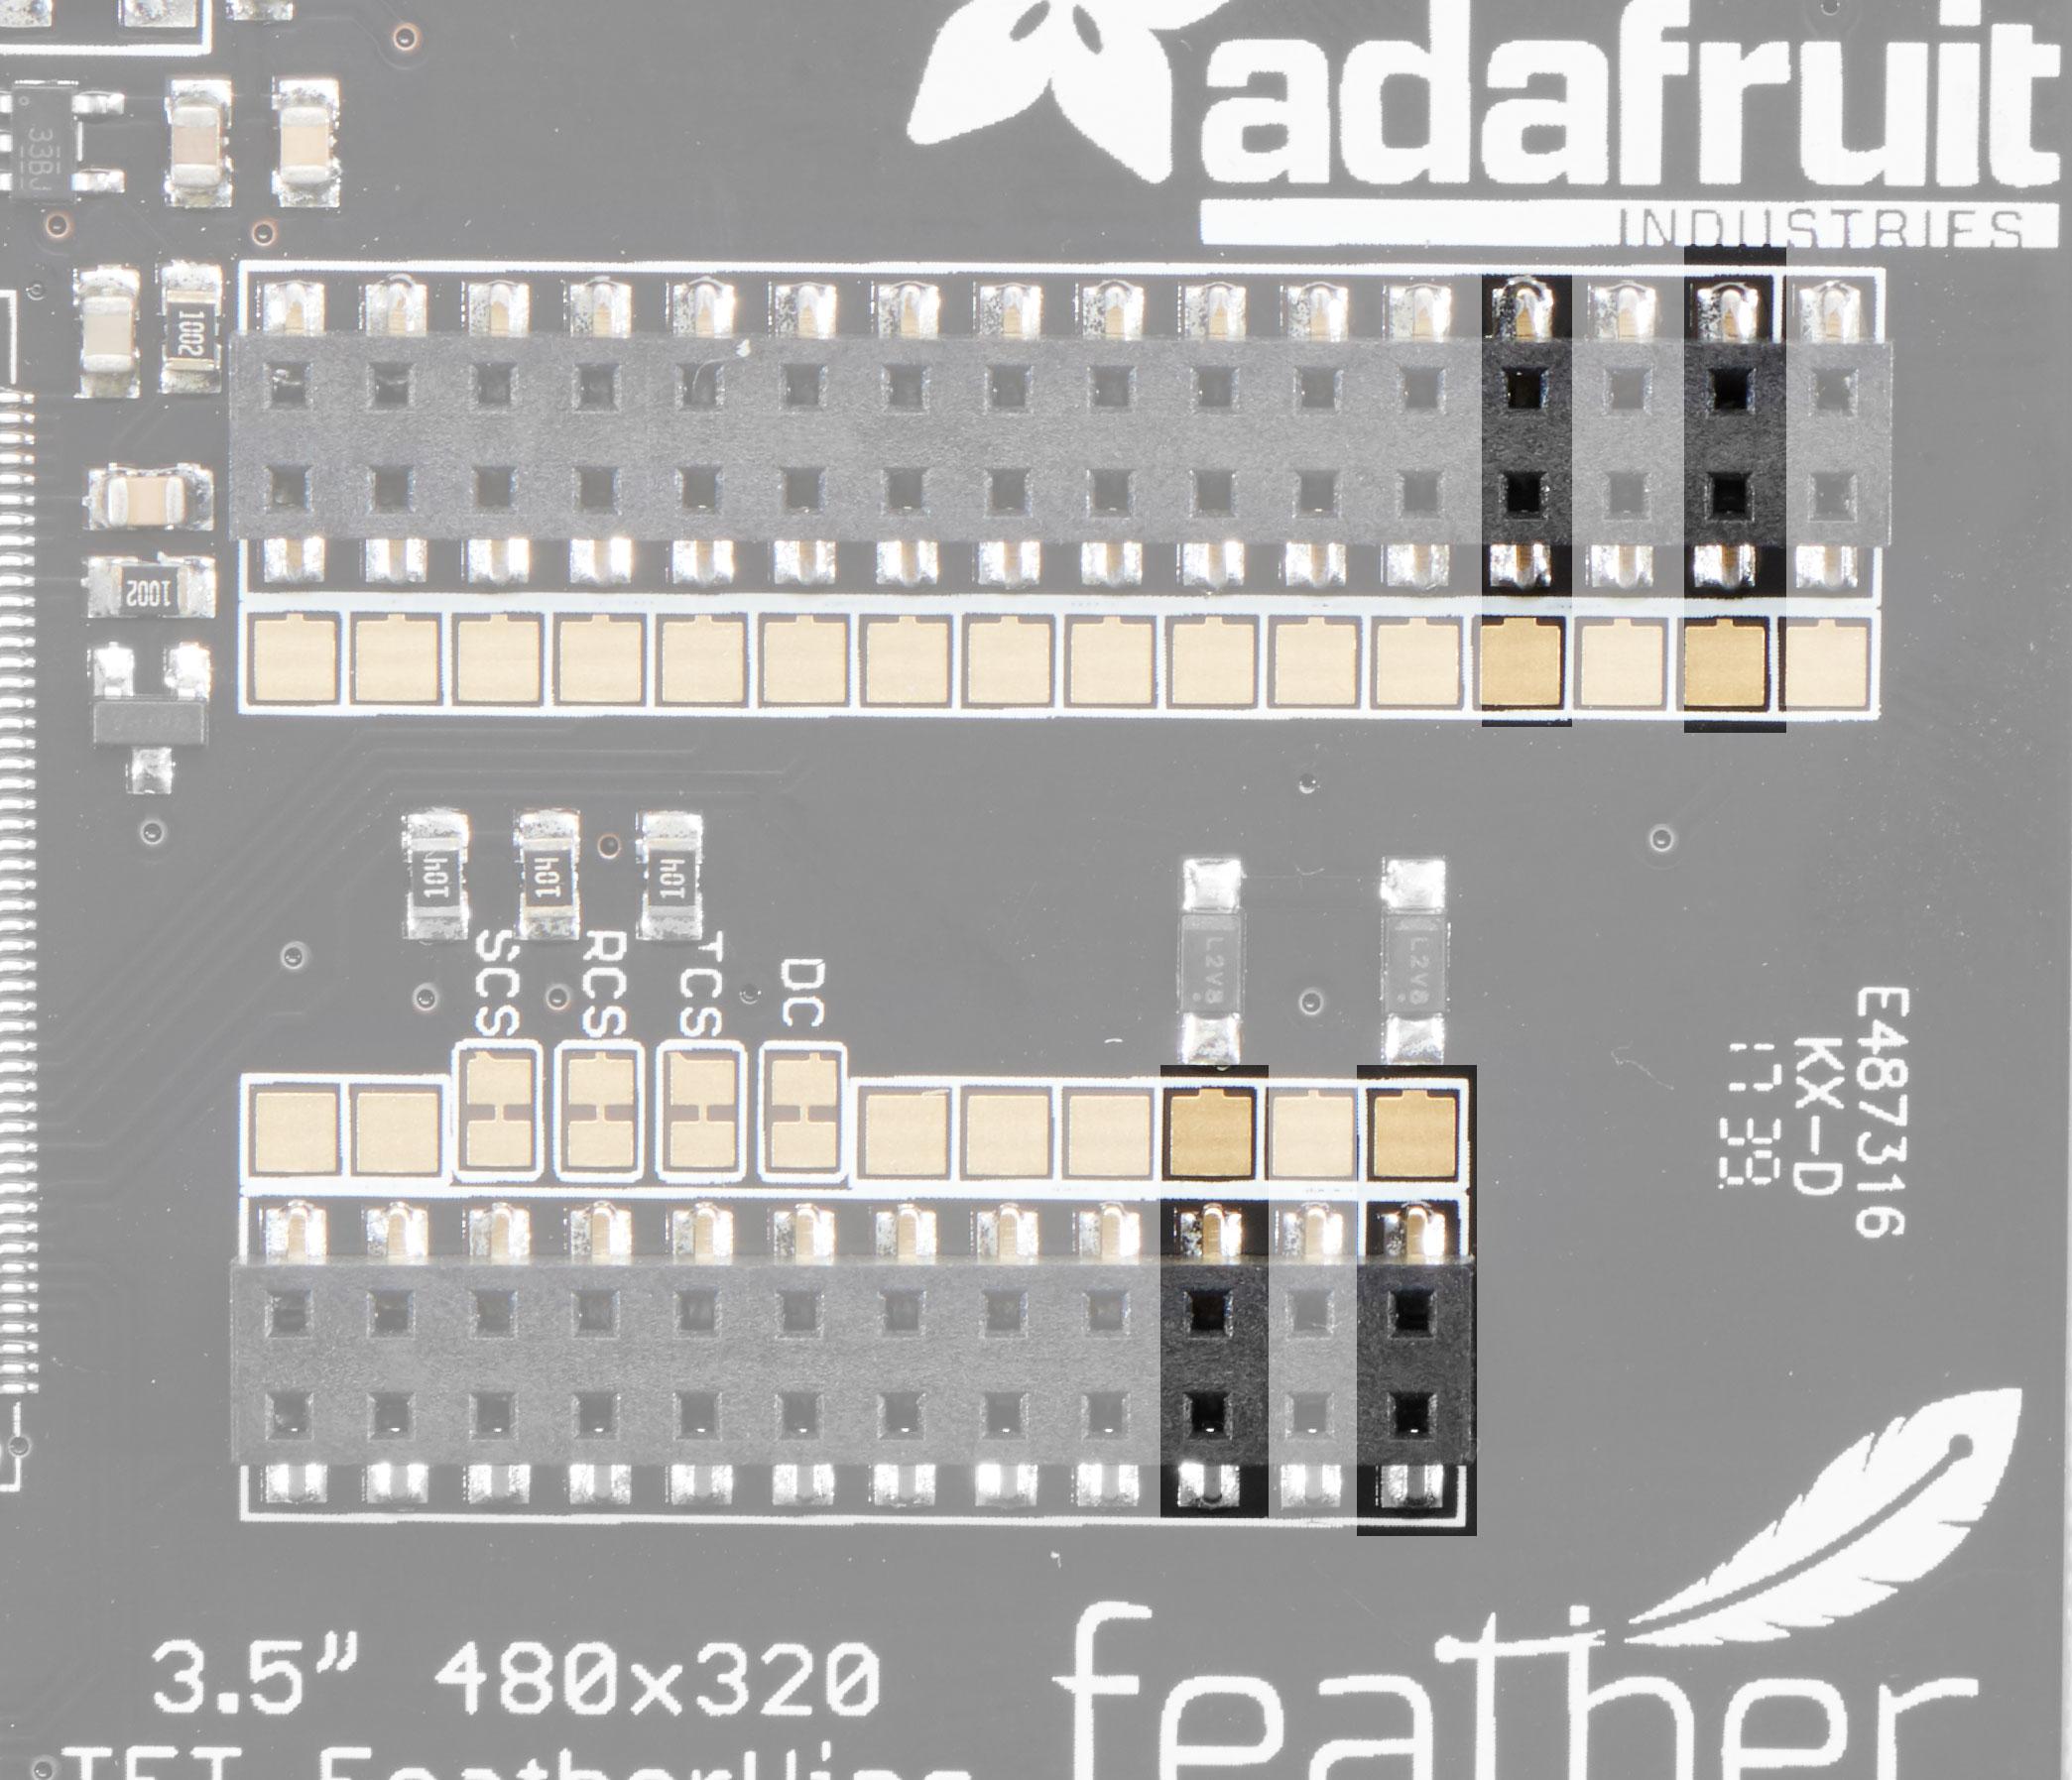 adafruit_products_power.jpg